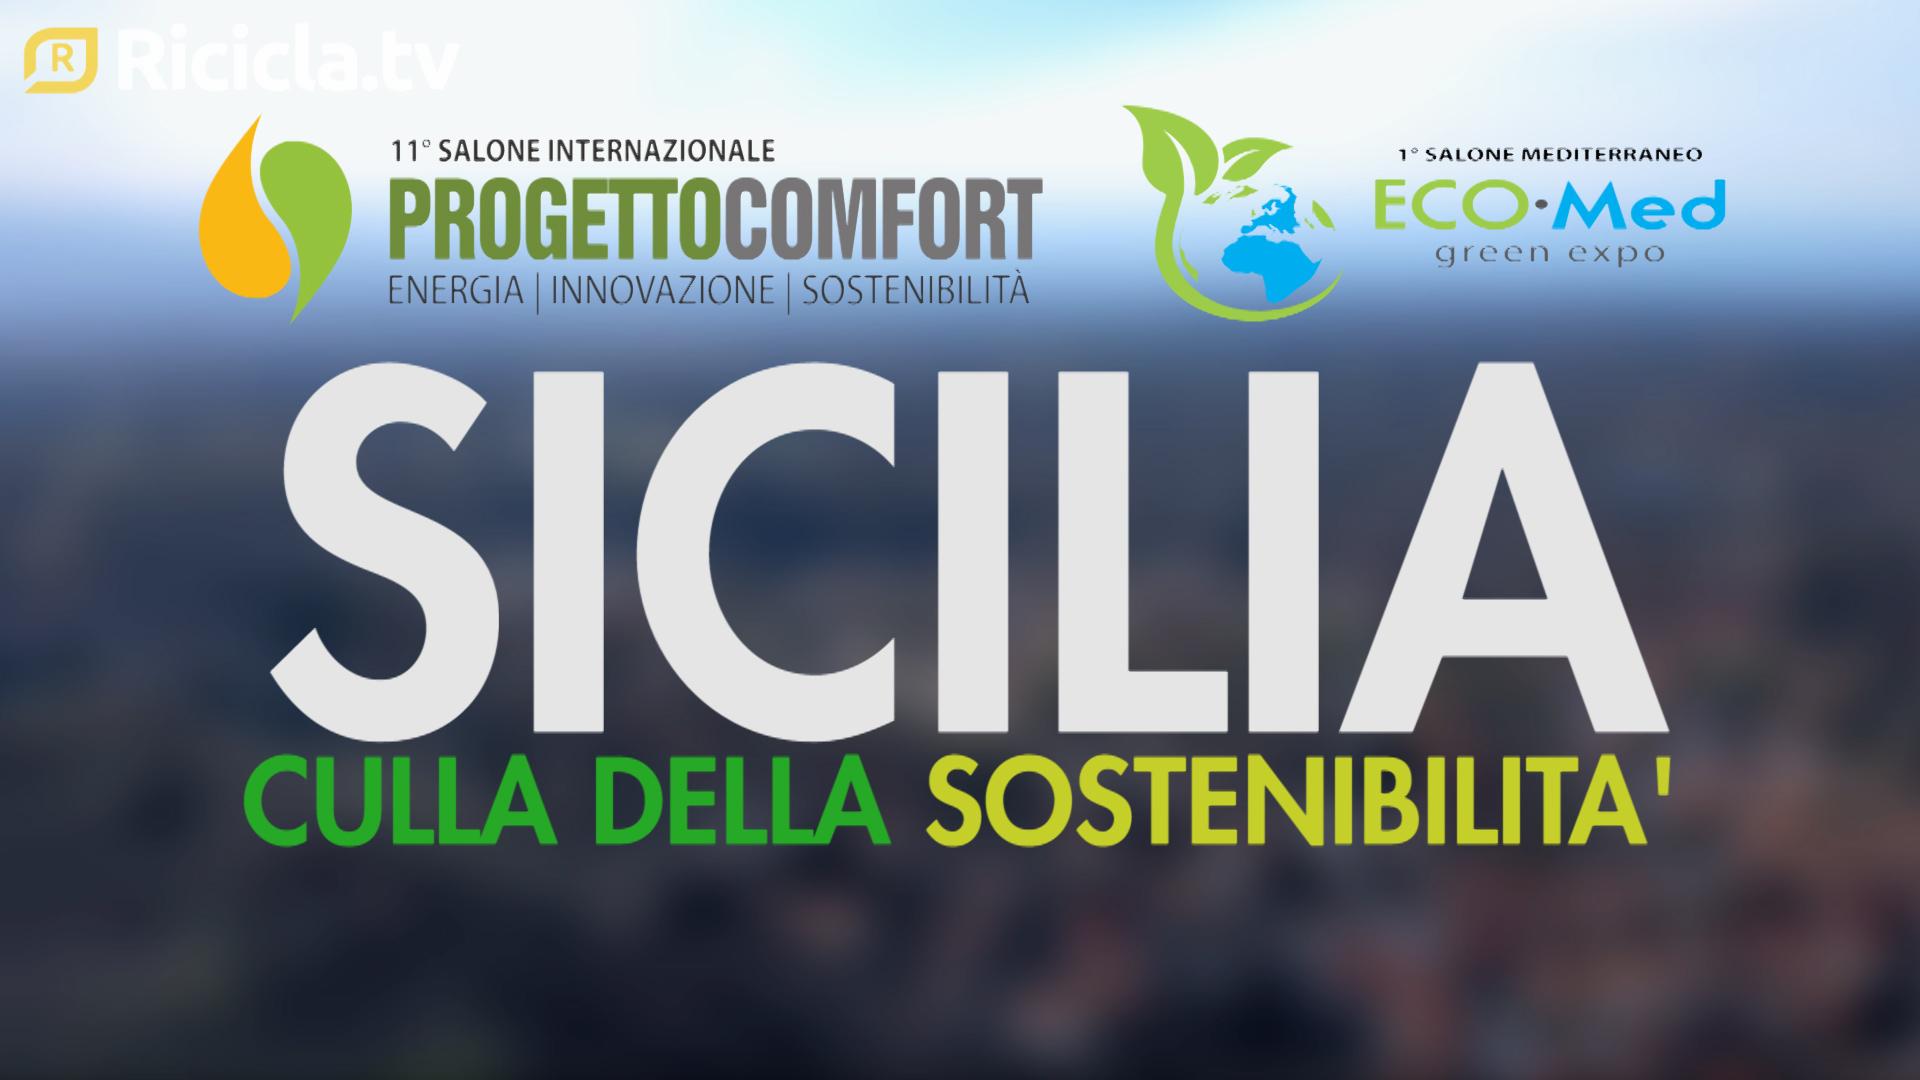 SICILIA, LA CULLA DELLA SOSTENIBILITA'